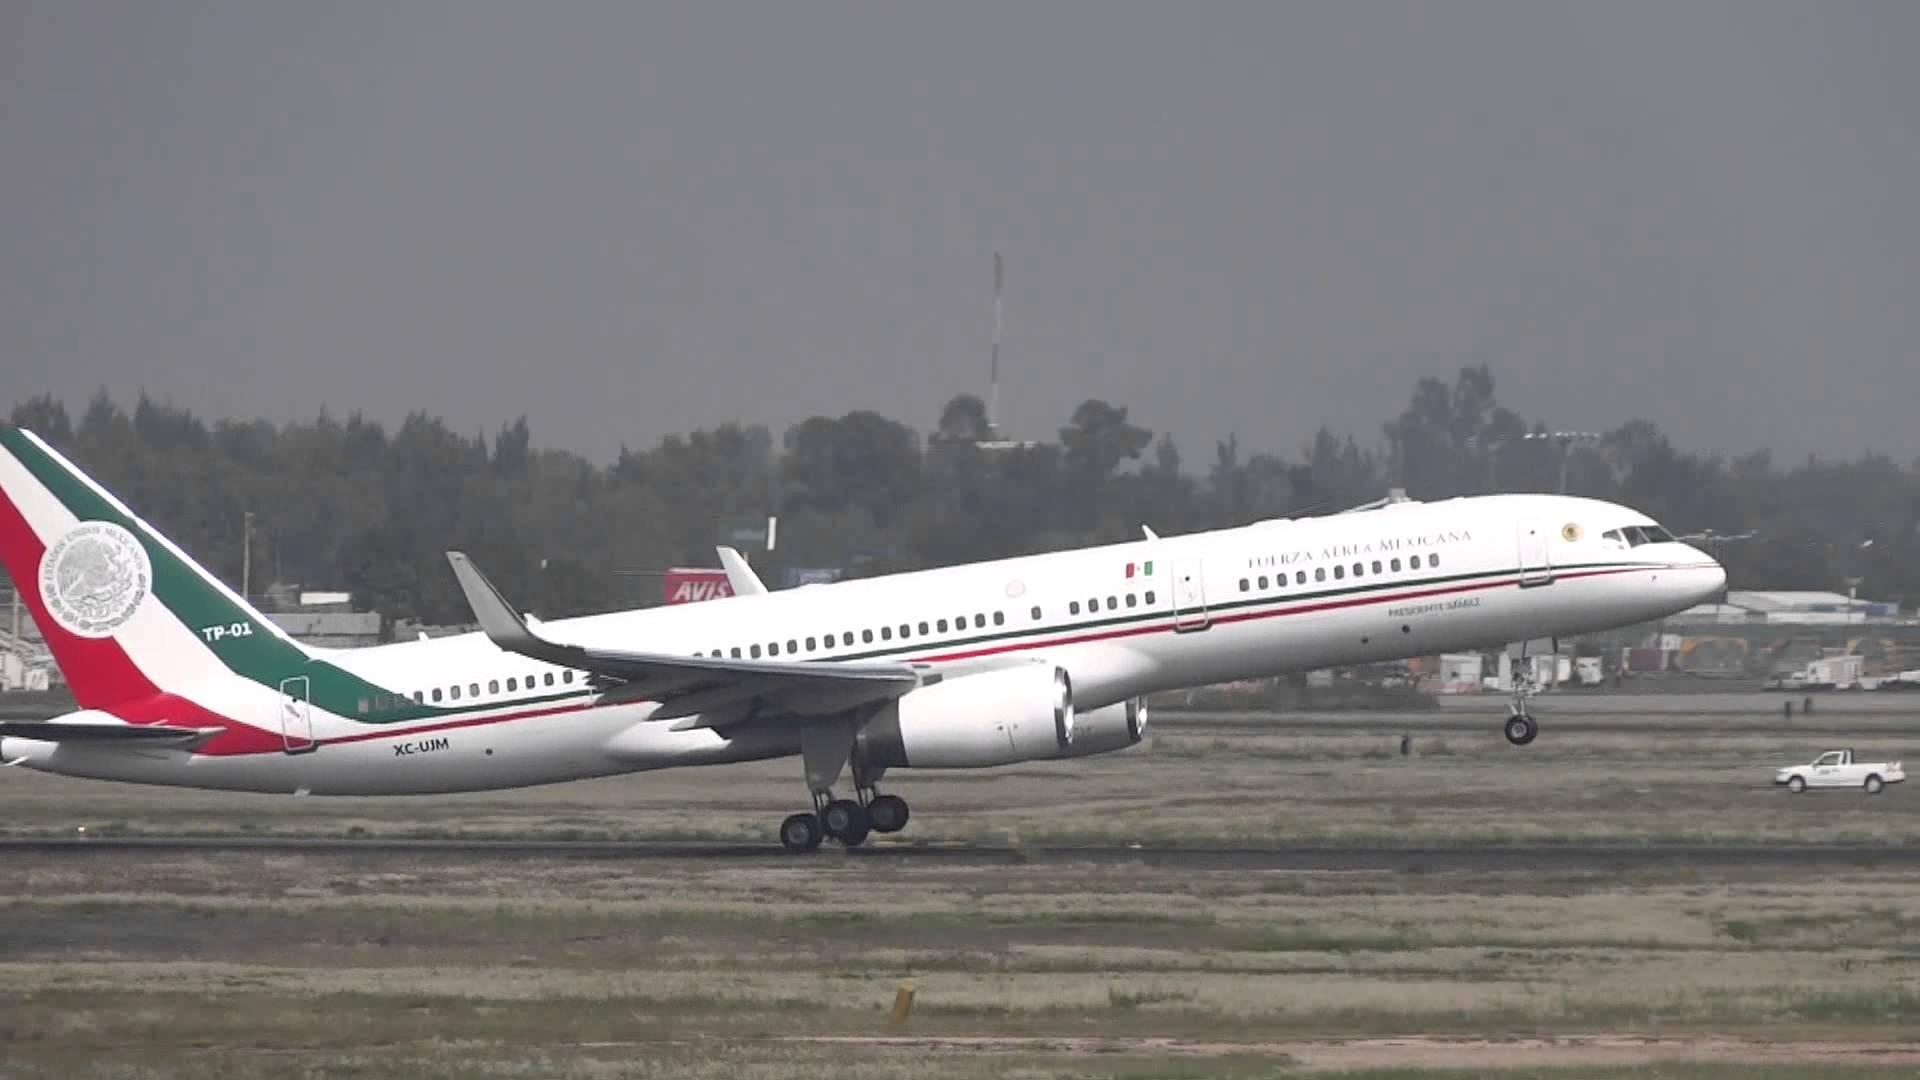 El nuevo Dreamliner sustituirá al actual Boeing 757-225 que tiene más de 25 años de operación en vuelos internacionales, denominado TP-01 Presidente Juárez